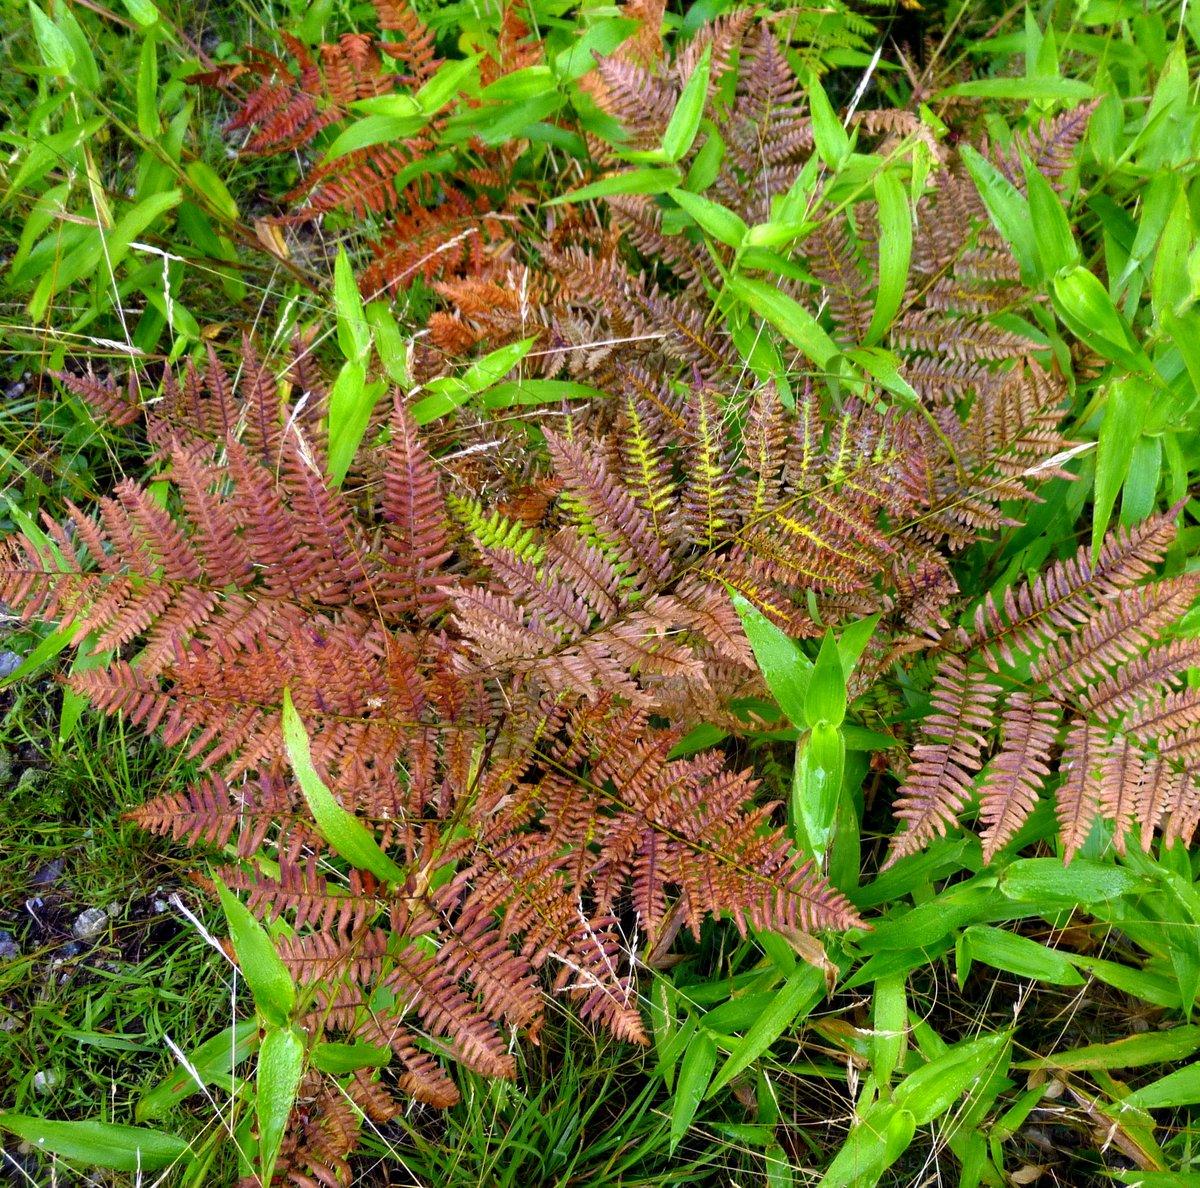 11. Bracken Ferns and Deer Tongue Grass